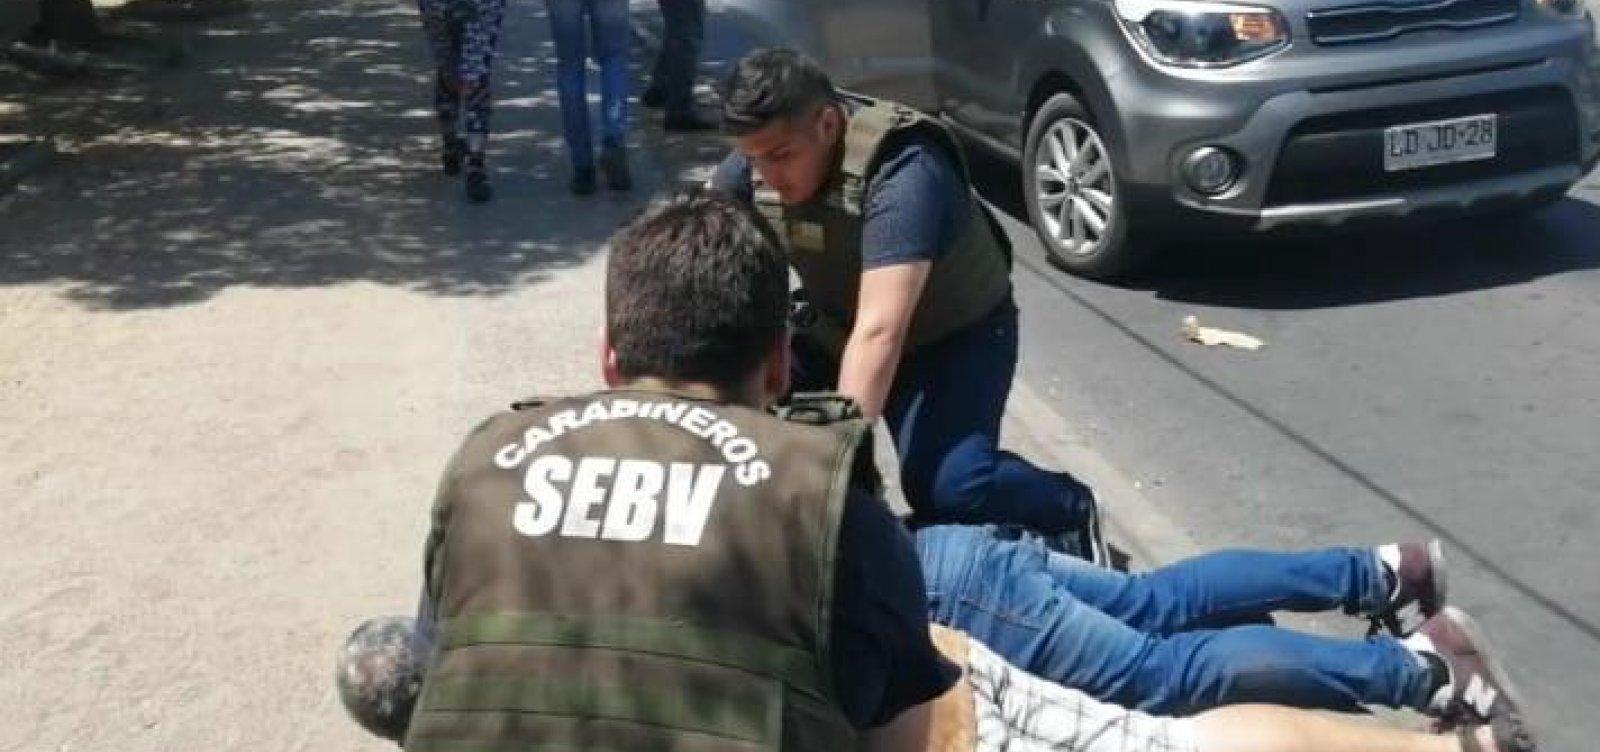 Relatório registra mais de 20 mortos e 9 mil pessoas presas no Chile